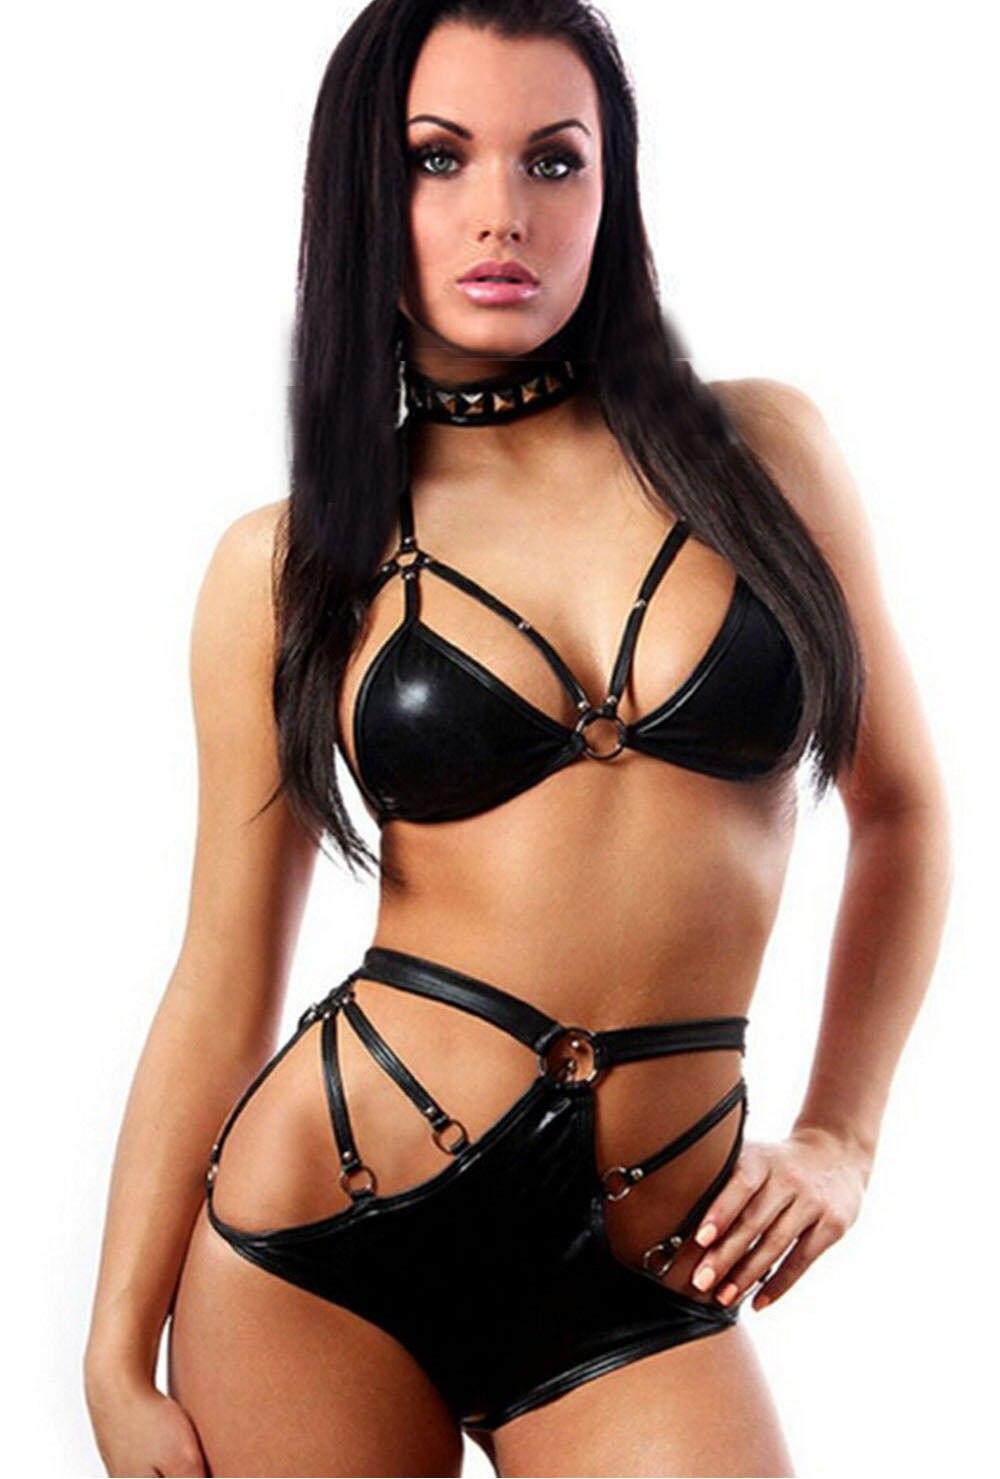 Эротическая одежда из латекса мини бикини фото смотреть онлайн фотоография